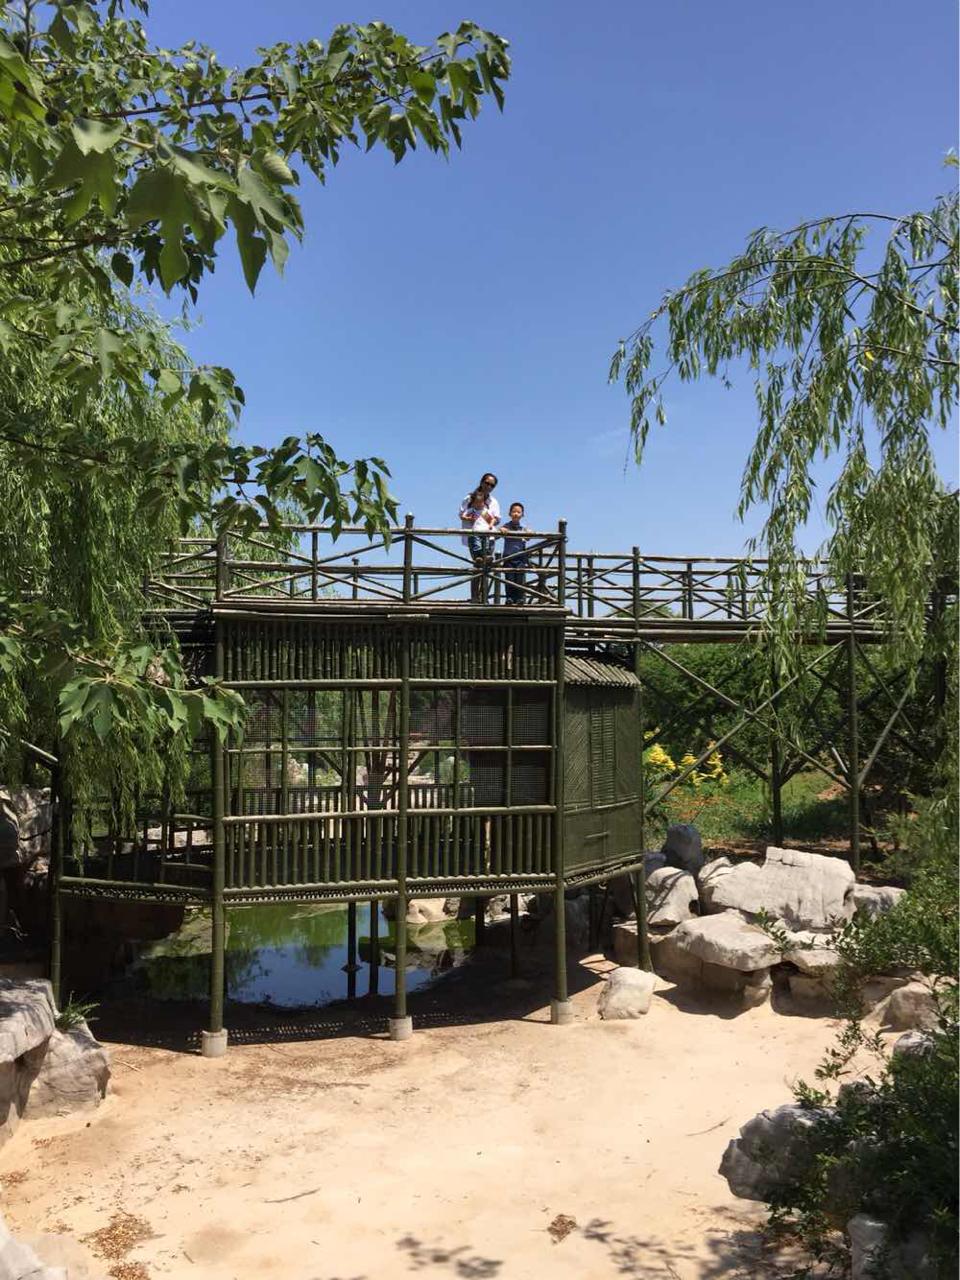 蓬莱马家沟生态旅游景区